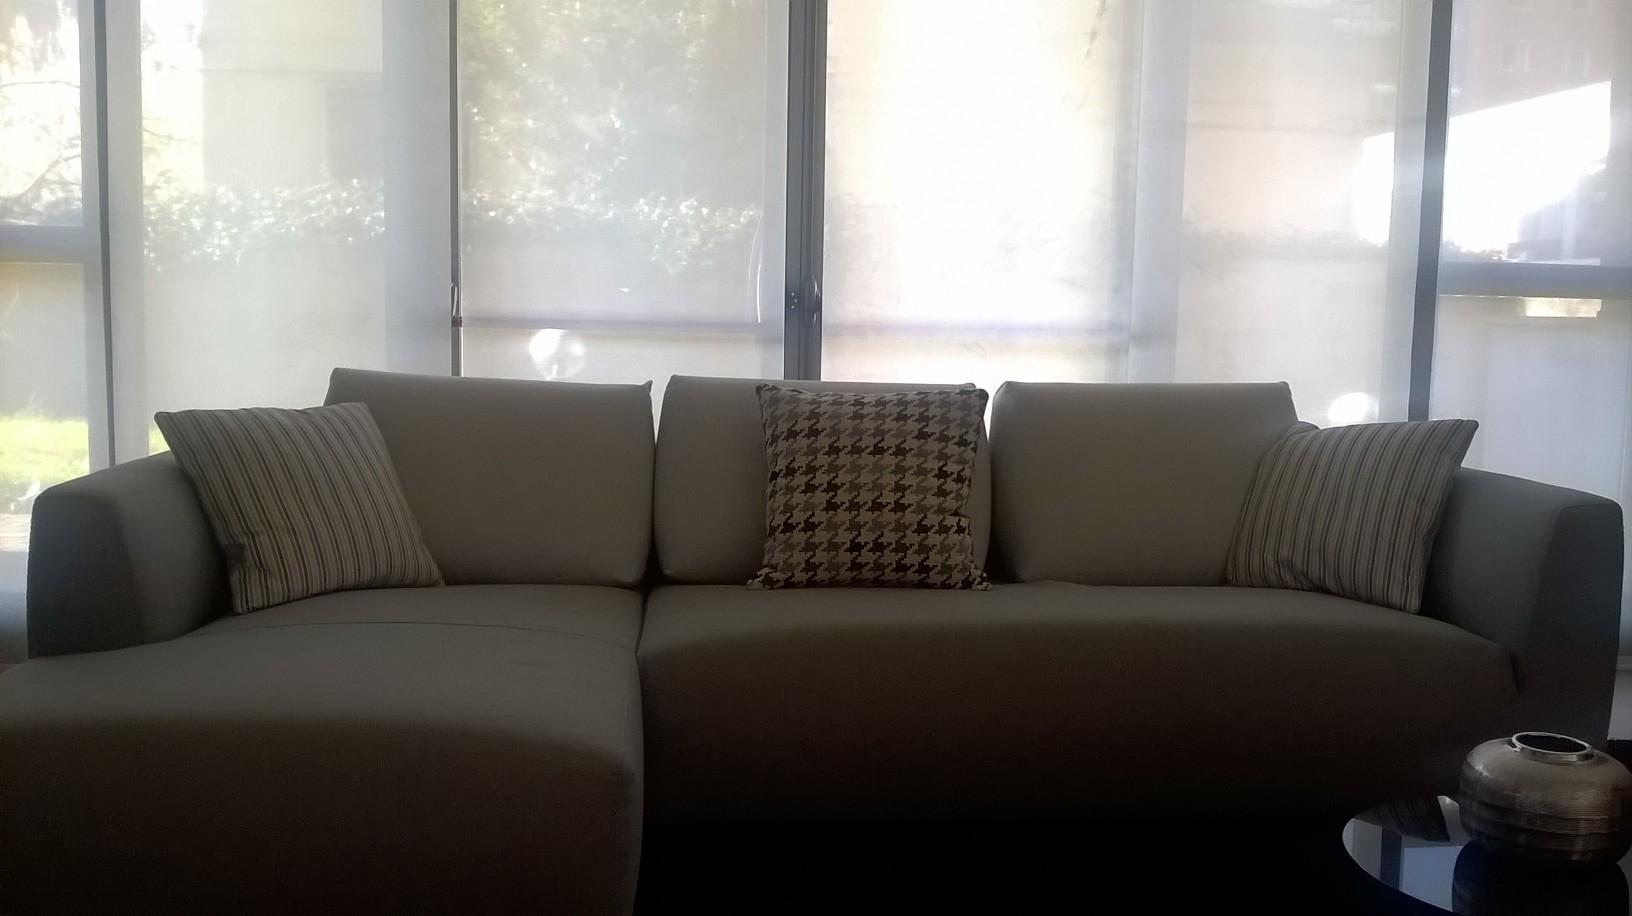 Divani Bianchi In Tessuto: Divano moderno bianco divani moderni ...